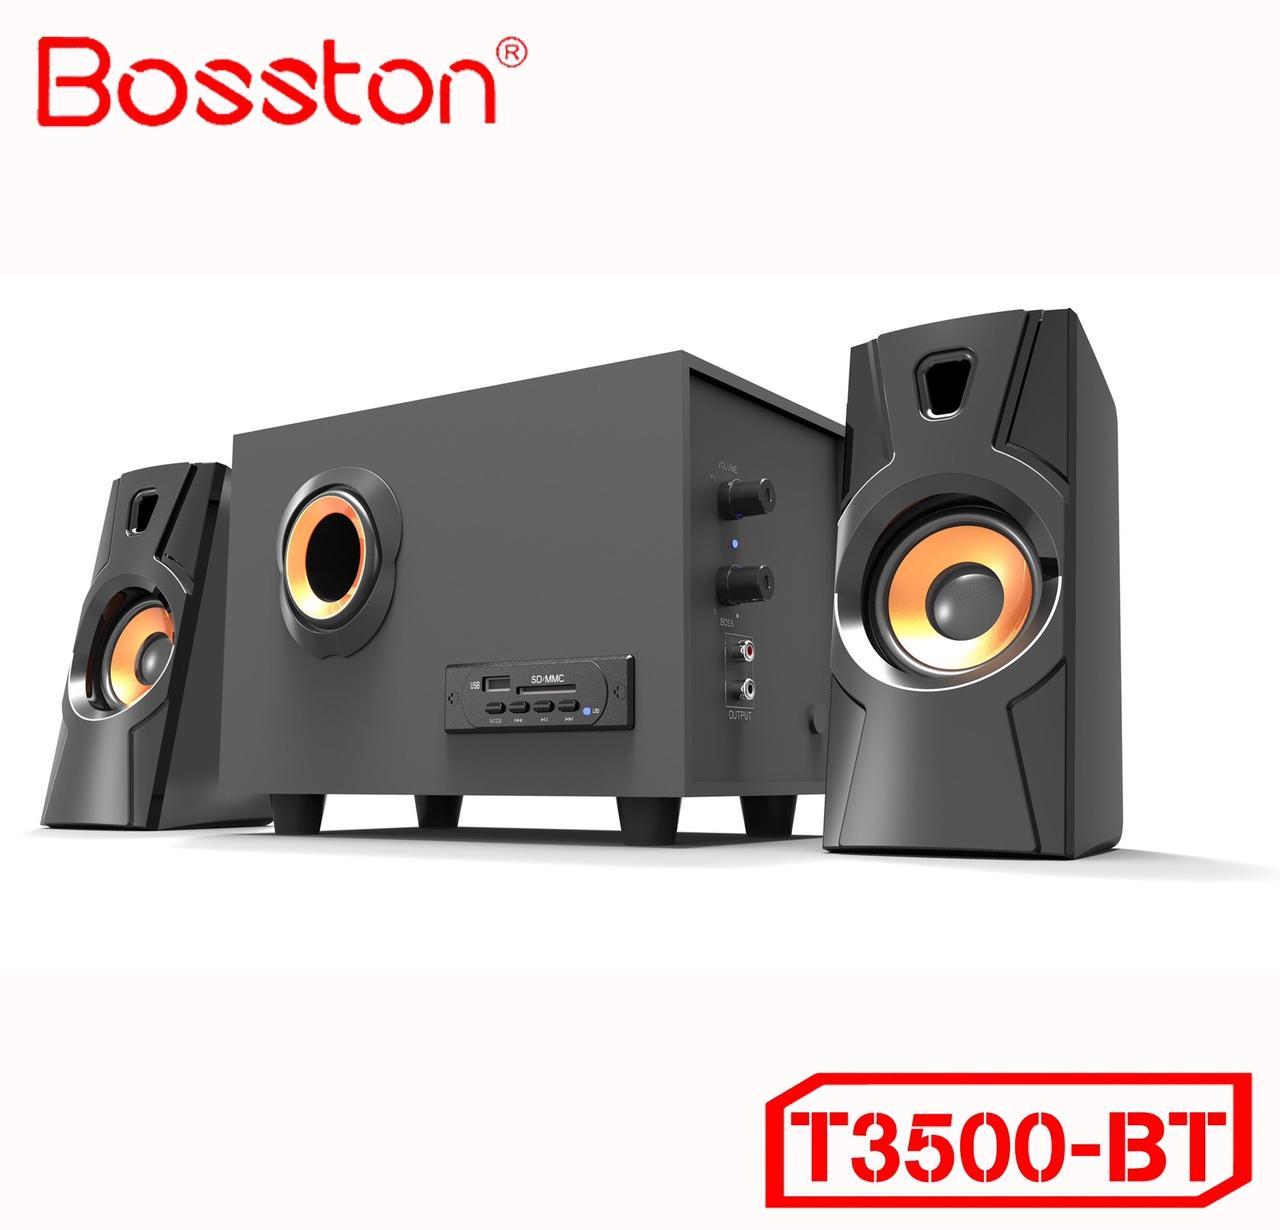 Loa vi tính 2.1 kiêm Bluetooth USB thẻ nhớ Bosston T3500-BT công suất 20W (Đen)